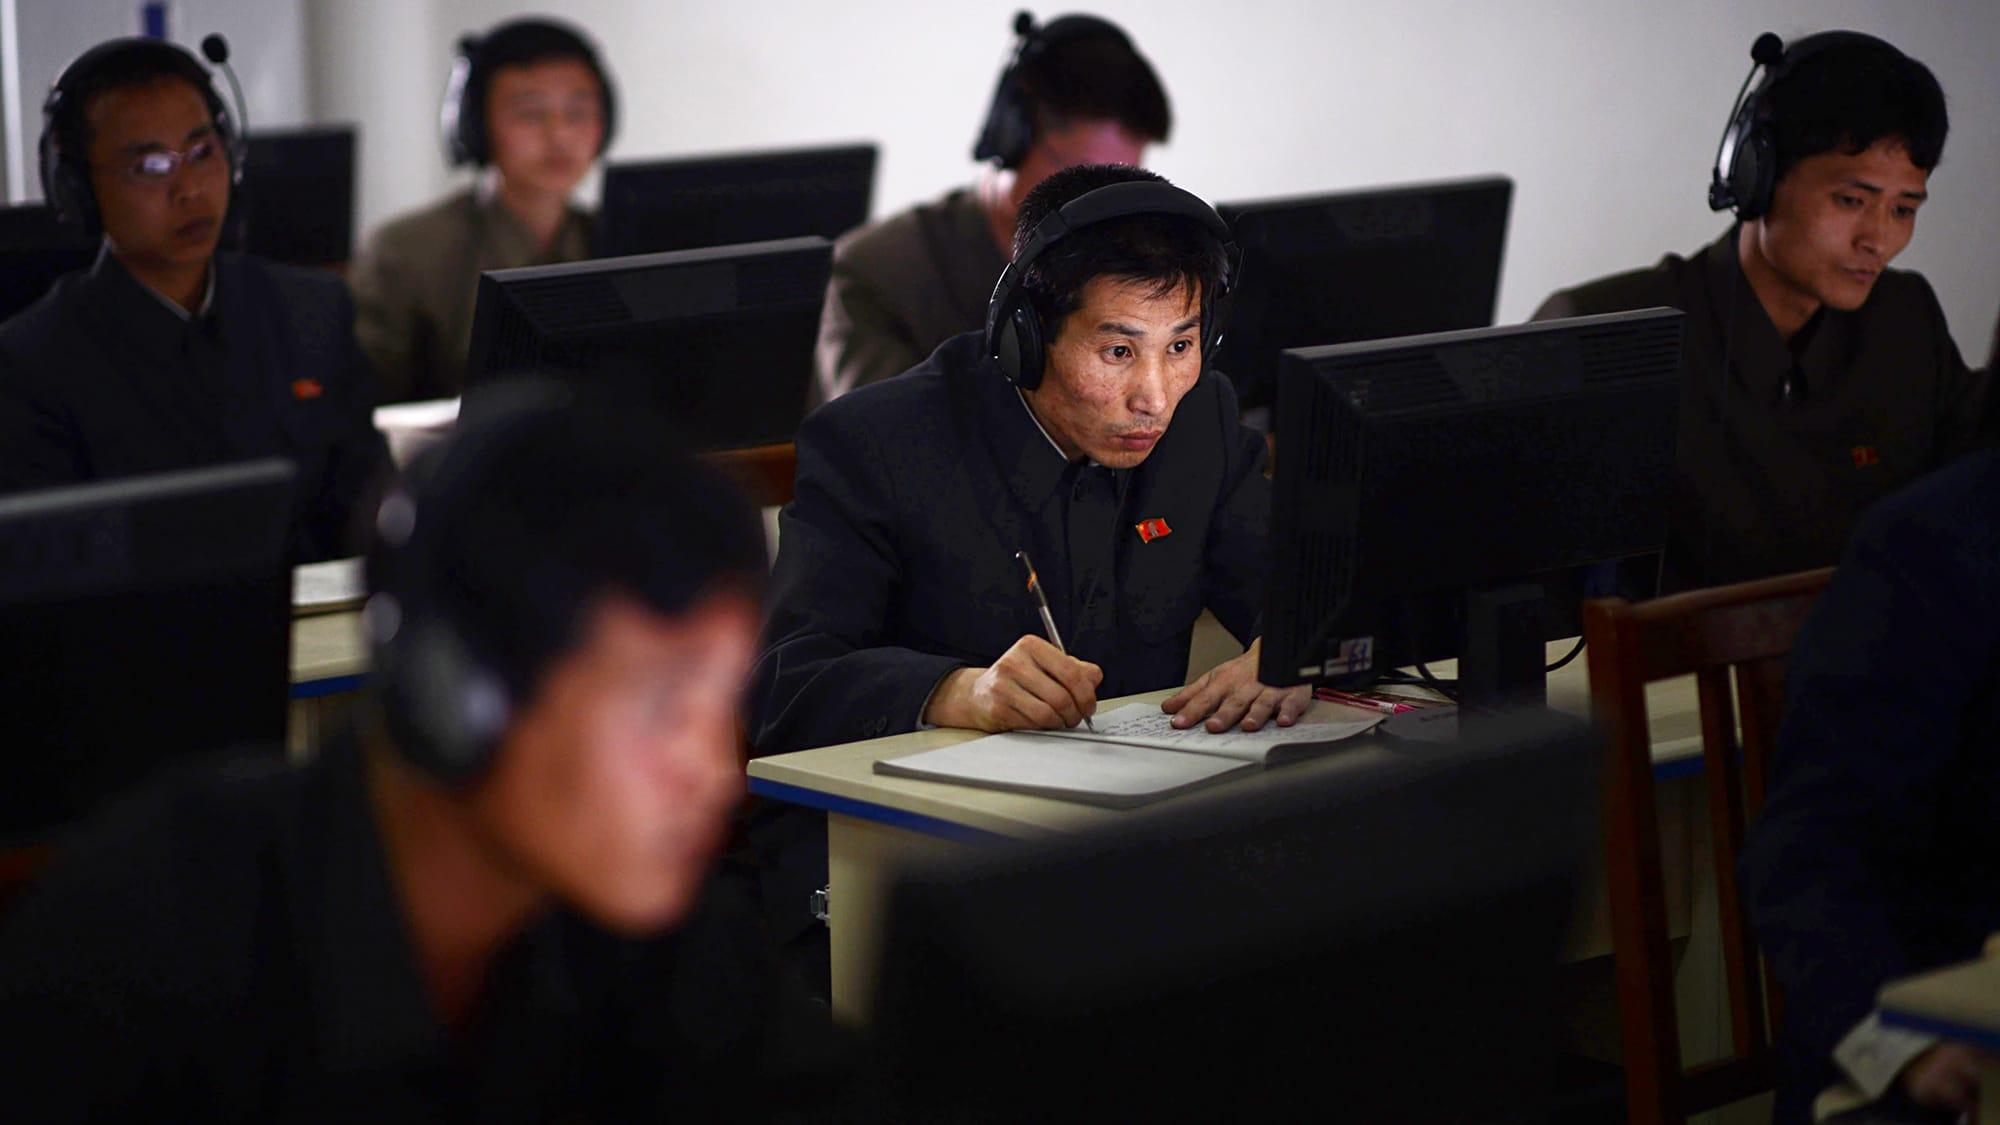 Хакеры КНДР совершенствуются и переходят от кибершпионажа к коммерческим преступлениям